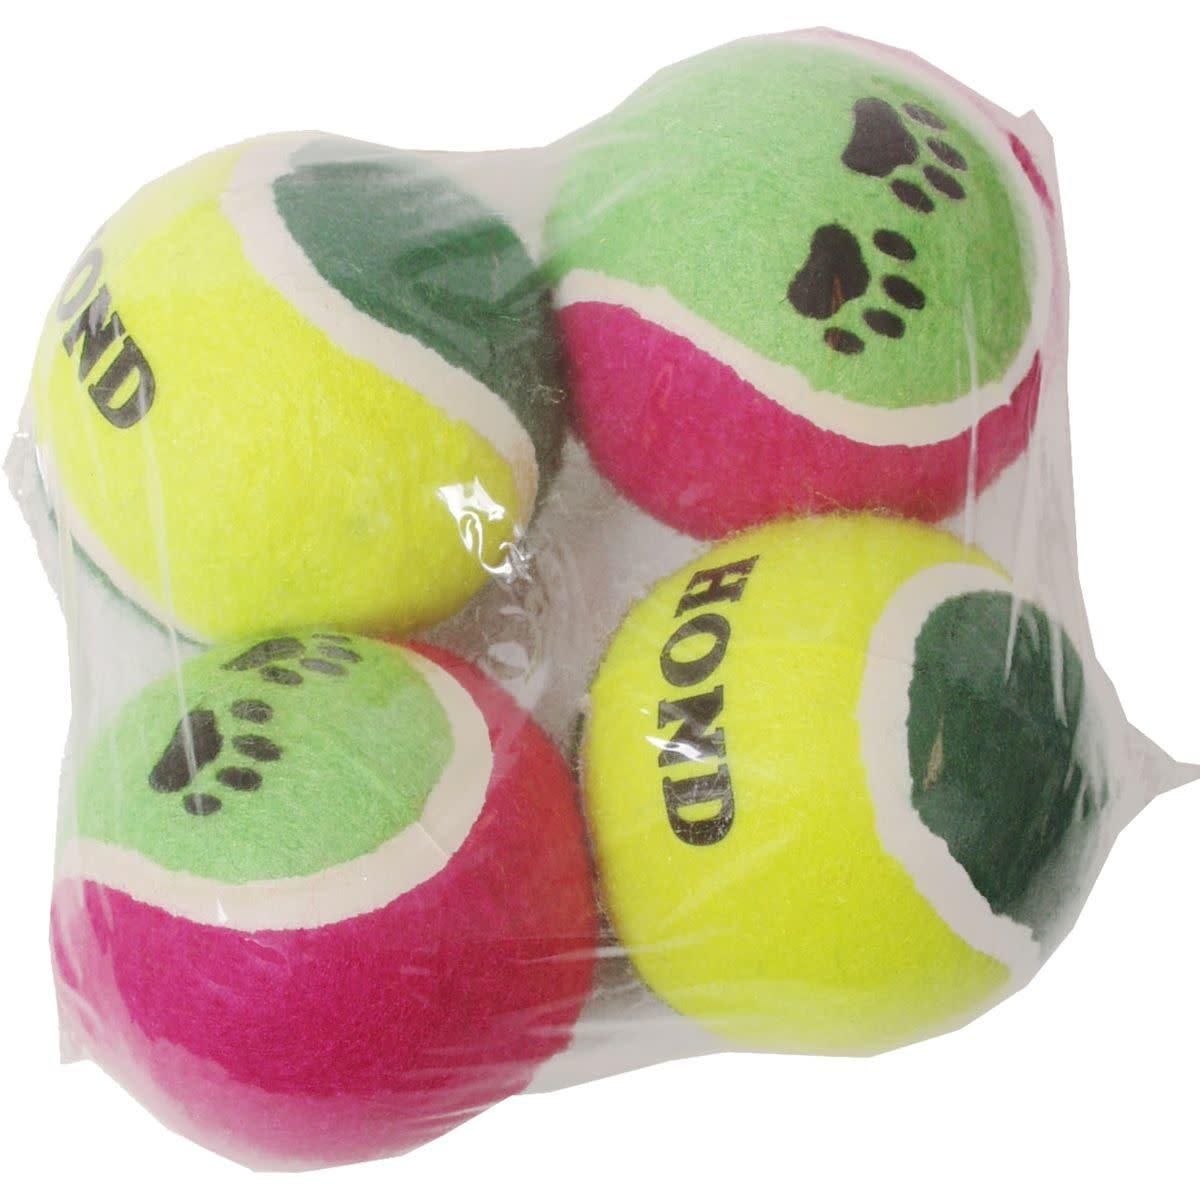 NOBBY Tennisbal gekleurd per stuk